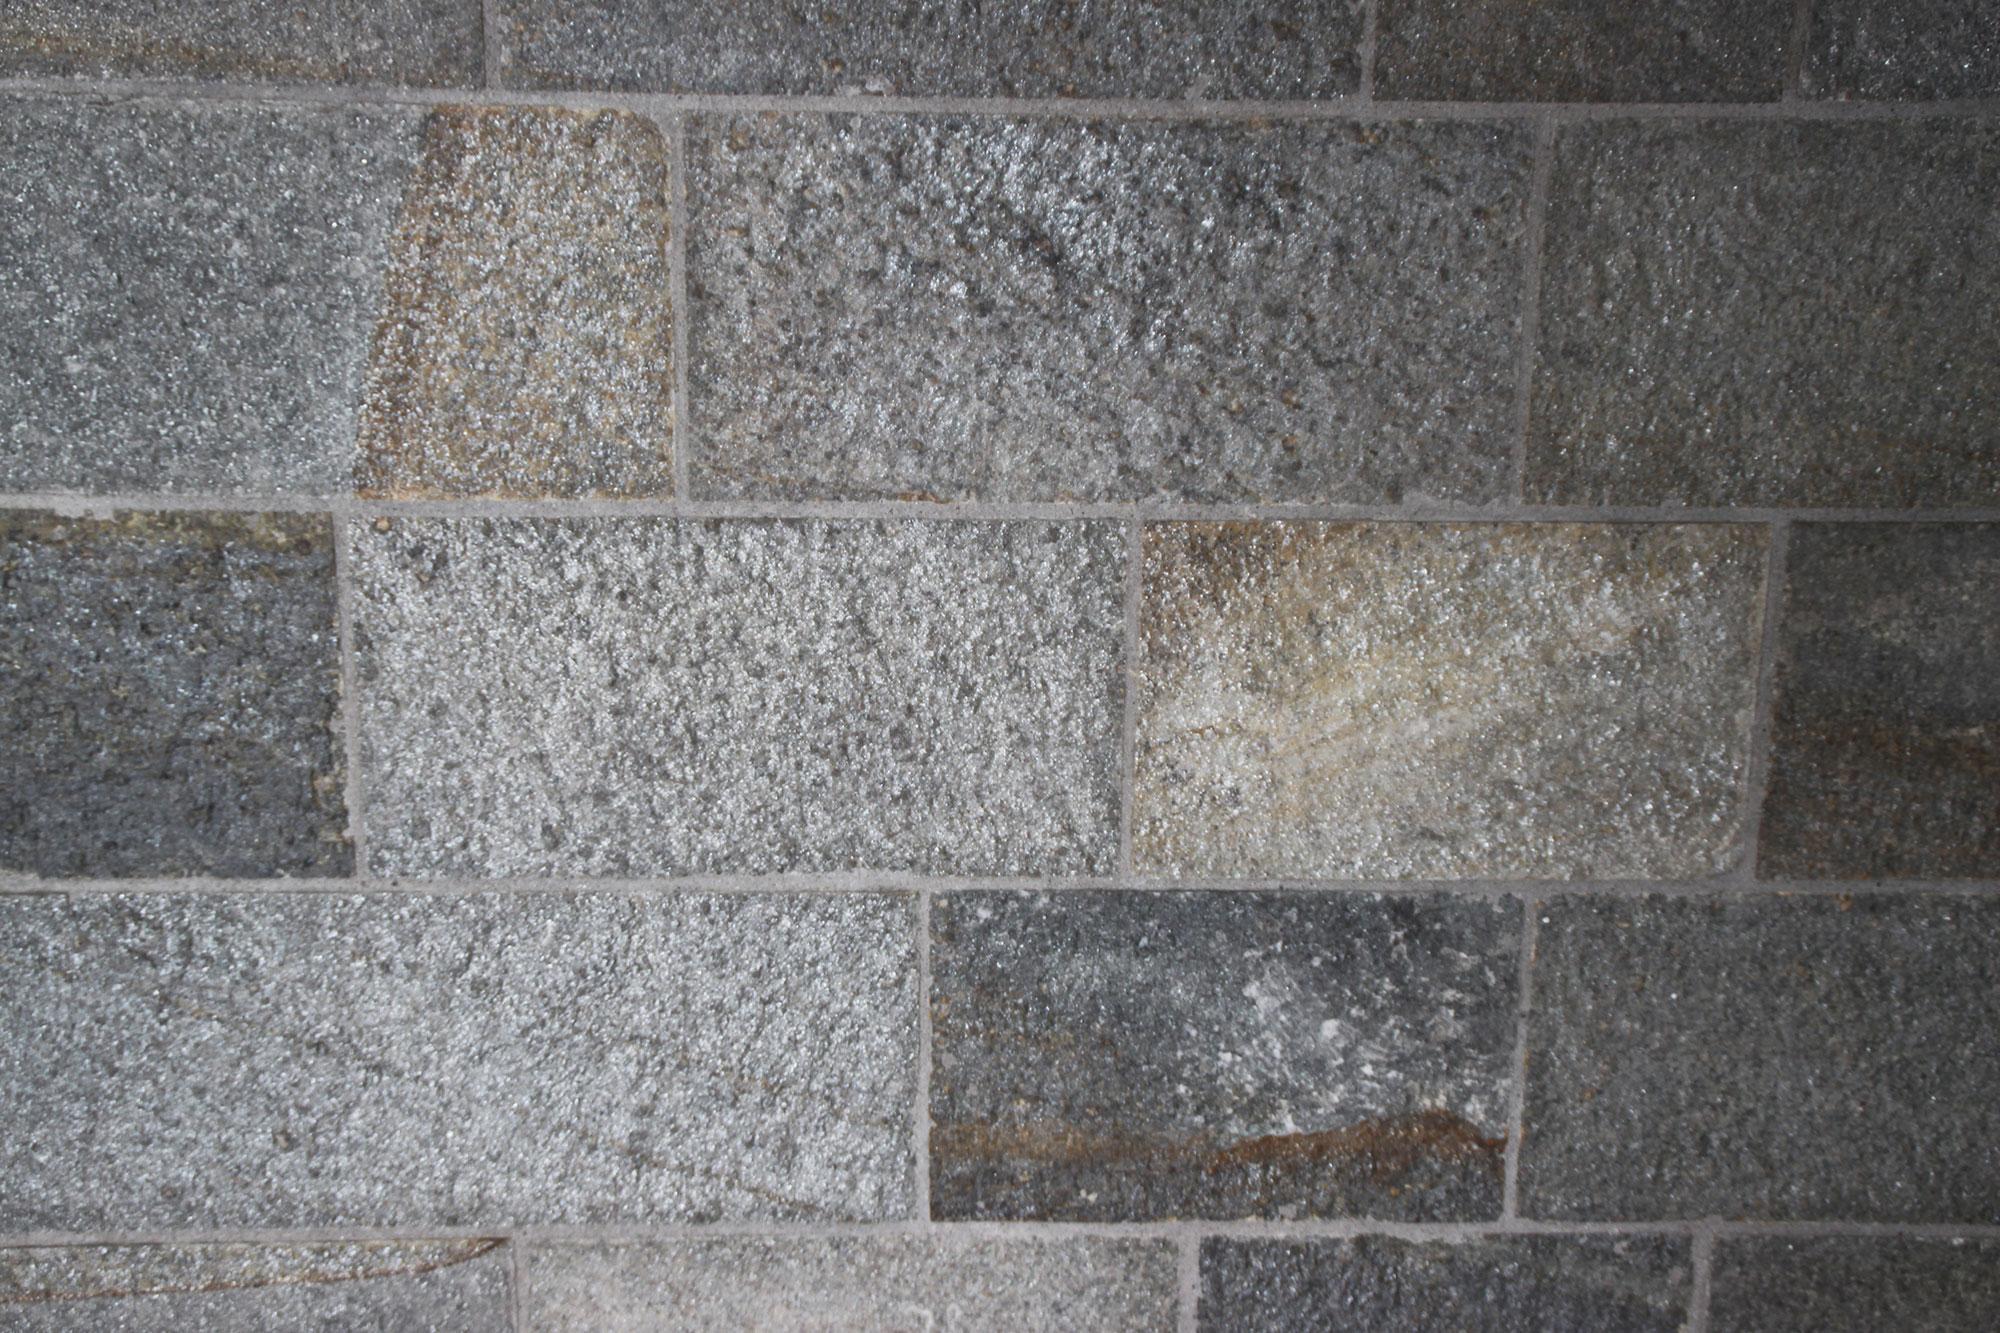 Pietra di luserna pavimenti per esterni in pietra naturale - Pietra di luserna per esterni ...